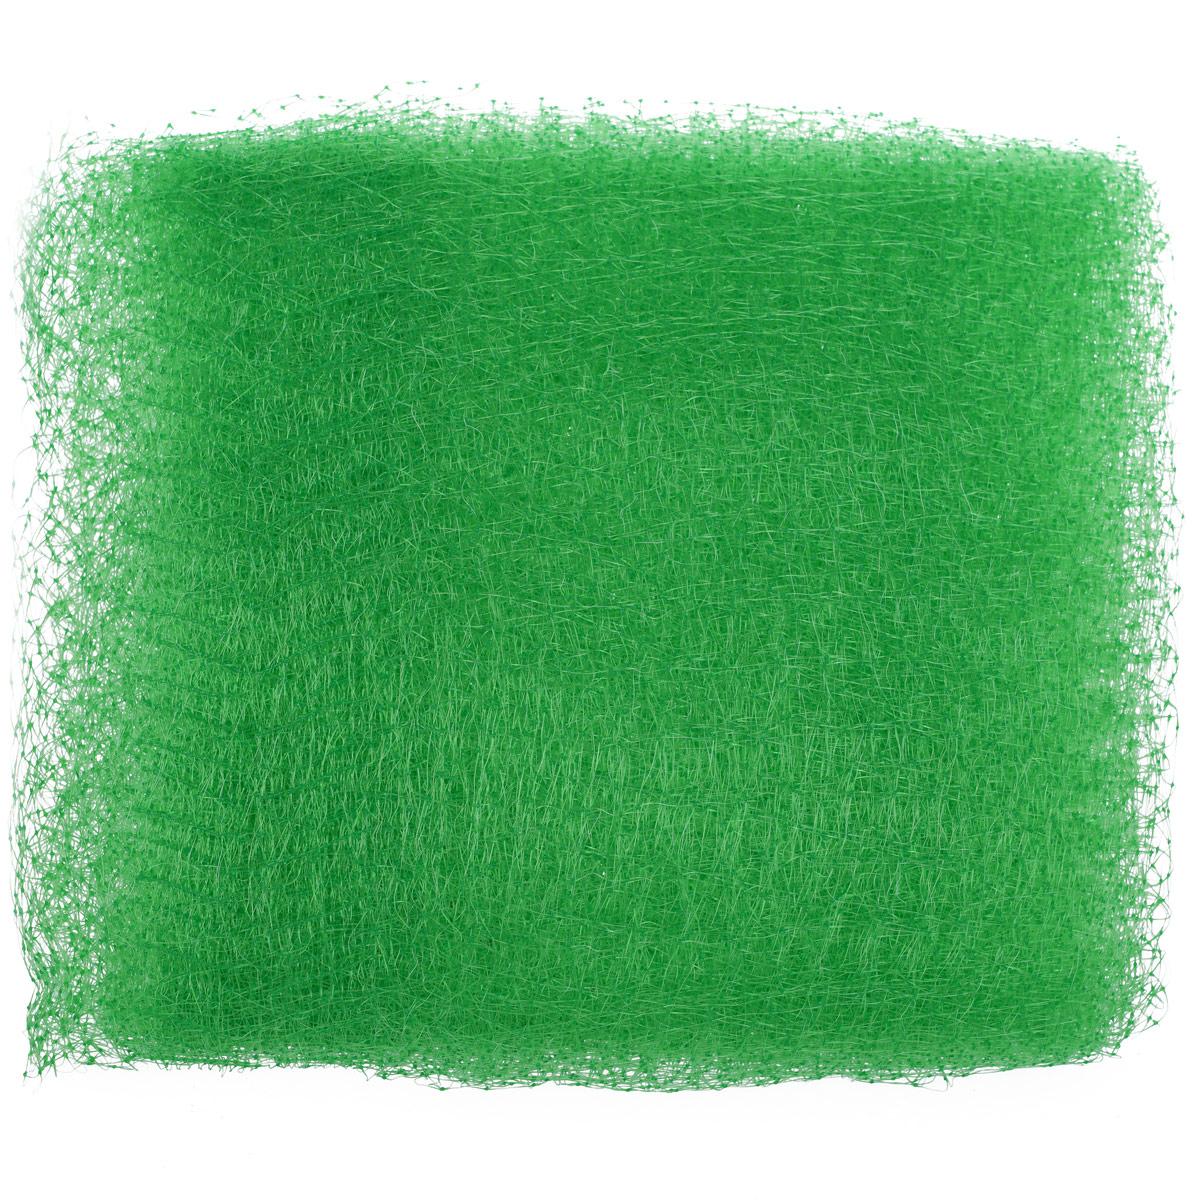 Сеть садовая Green Apple, цвет: салатовый, 2 м х 5 м комплект для вьющихся растений green apple glscl 2 сборный с сеткой 0 9 х 1 8 м